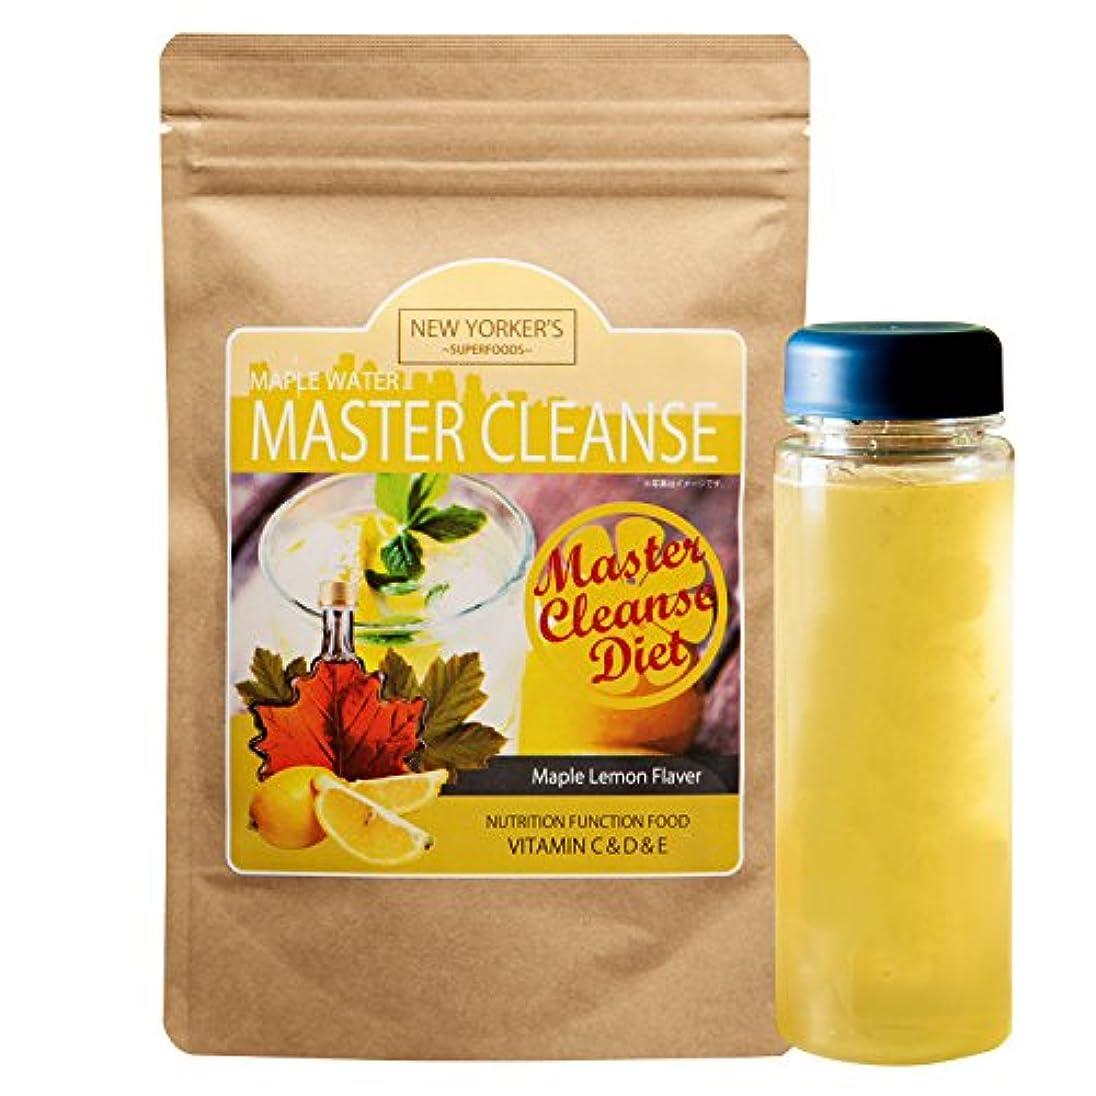 有害教育瞬時にIDEA マスタークレンズダイエット メープルレモン味 ファスティングダイエット 5g×9包